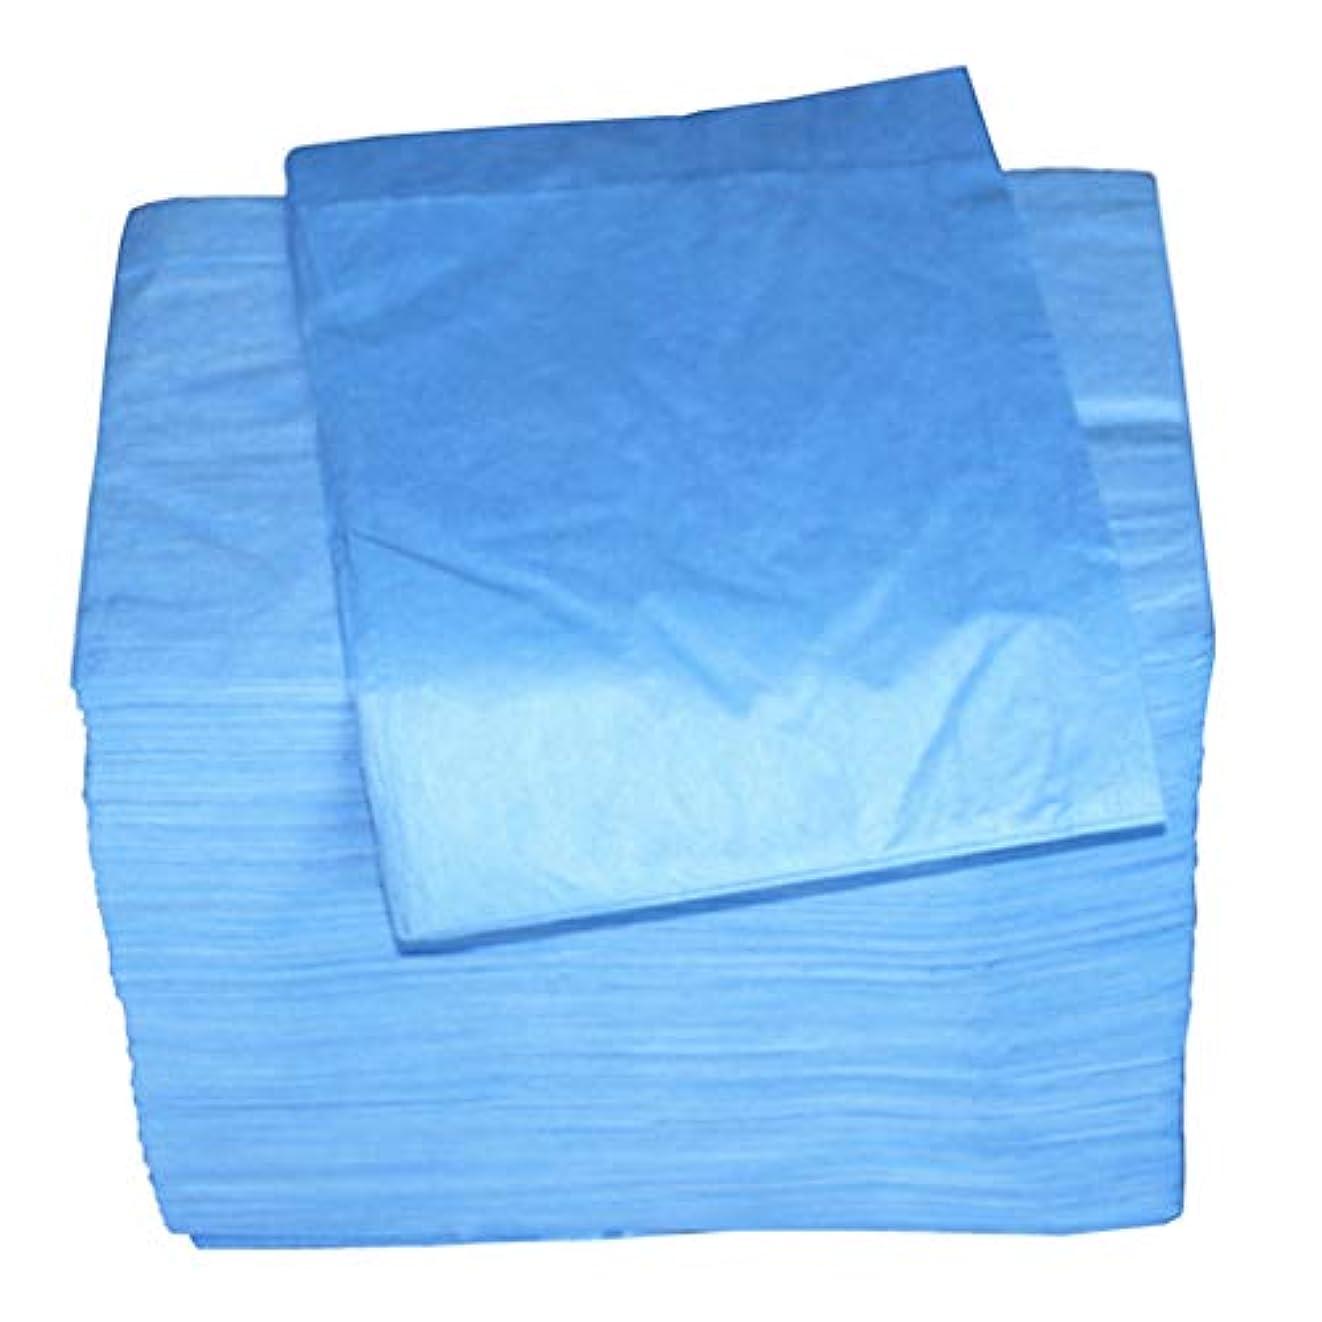 献身クレジット半径マッサージ テーブルシーツ 使い捨て 安全衛生 約100個セット 全2色 - 青